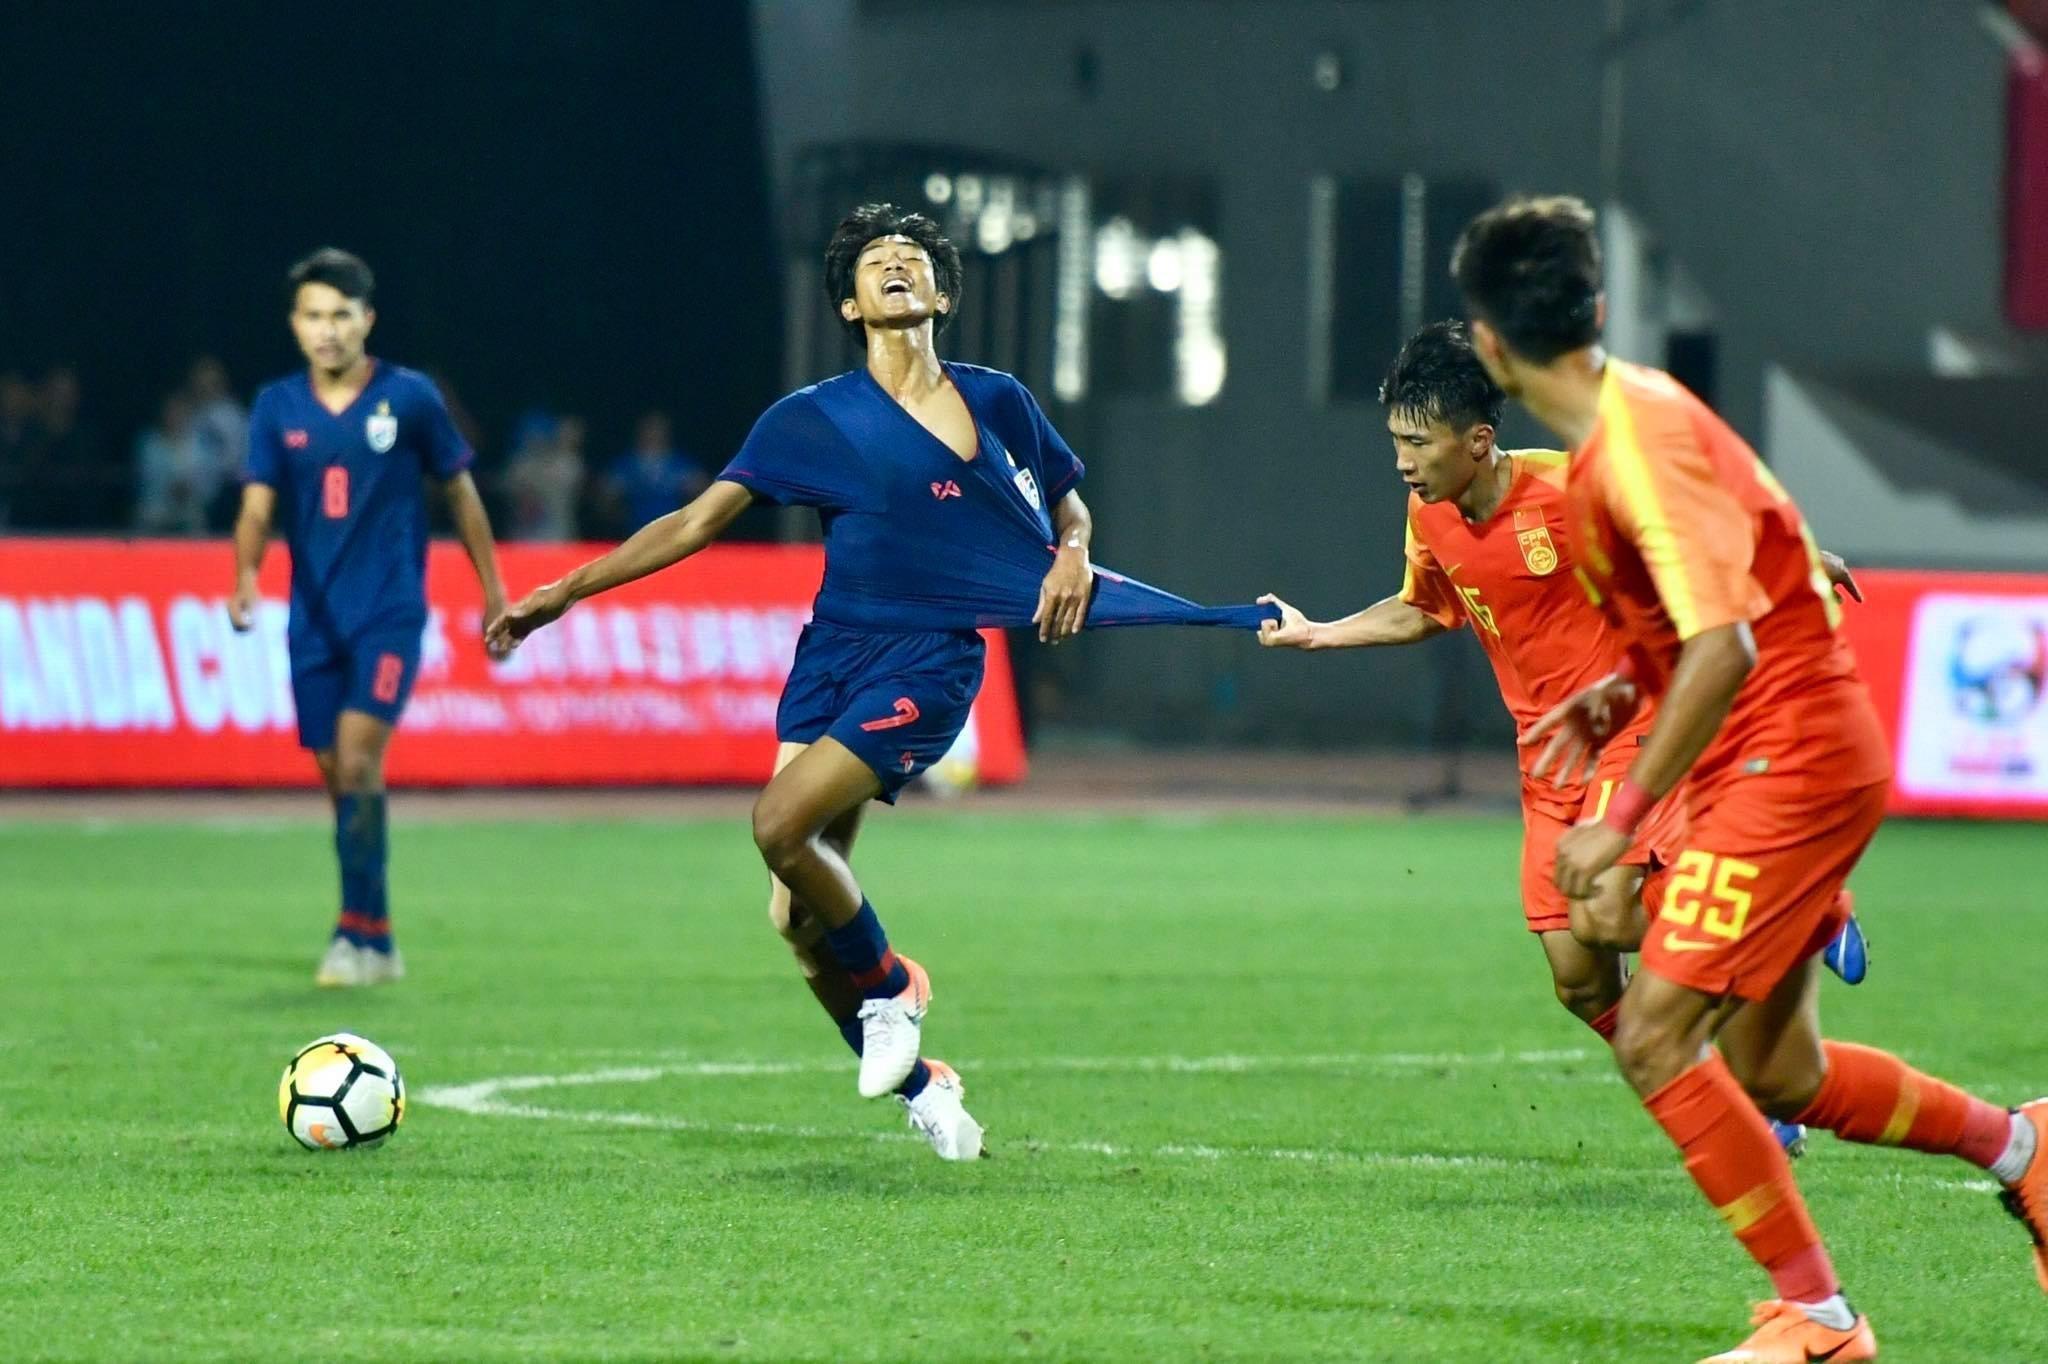 """""""熊猫杯""""中国队0-2不敌泰国队之后!这张图片火了!"""